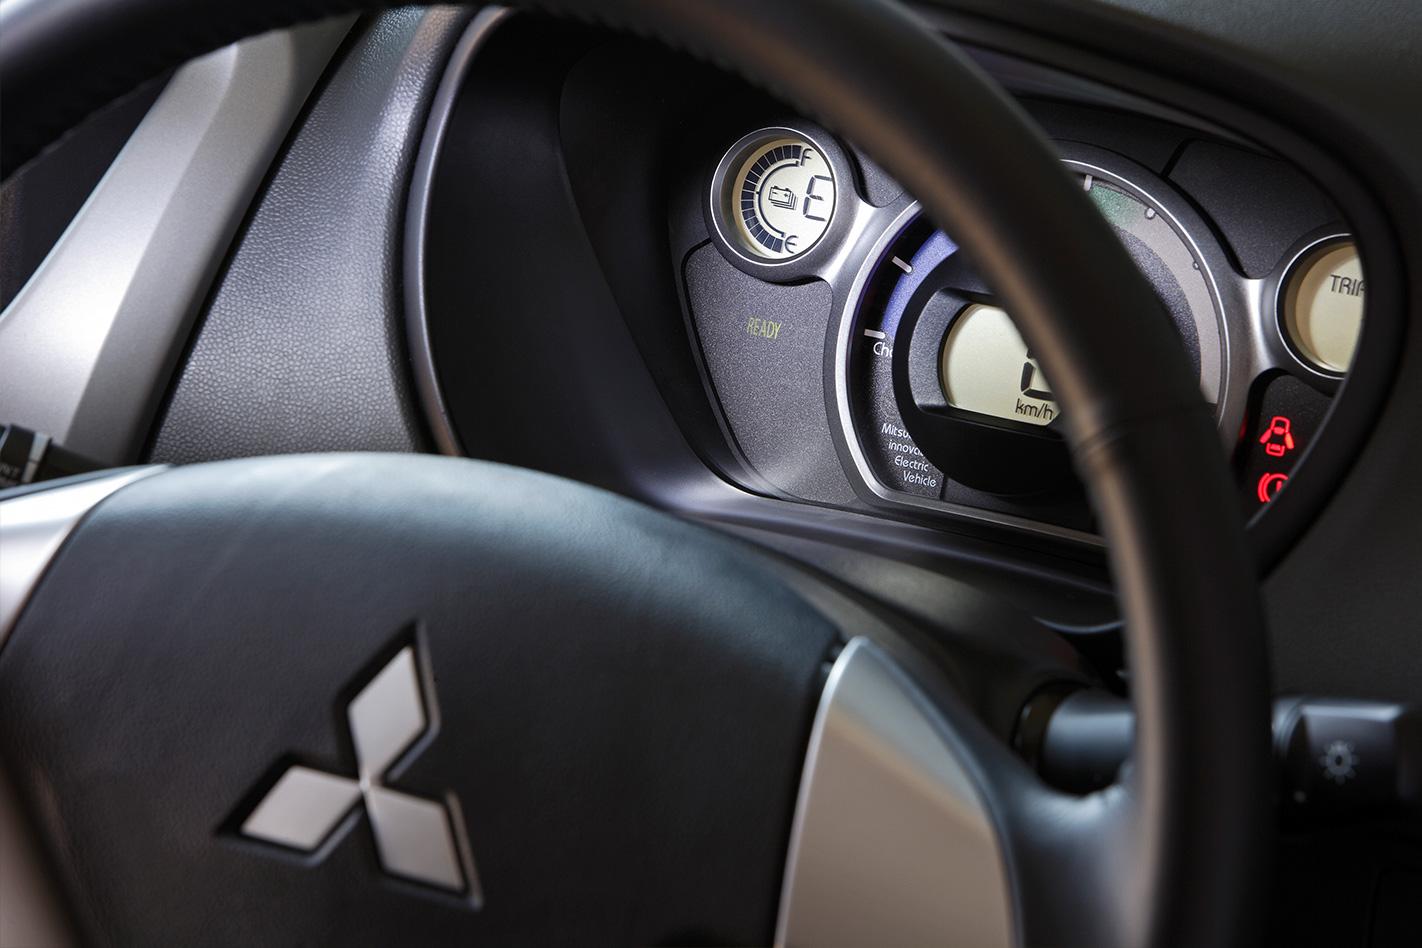 Takata airbag recall mitsubishi